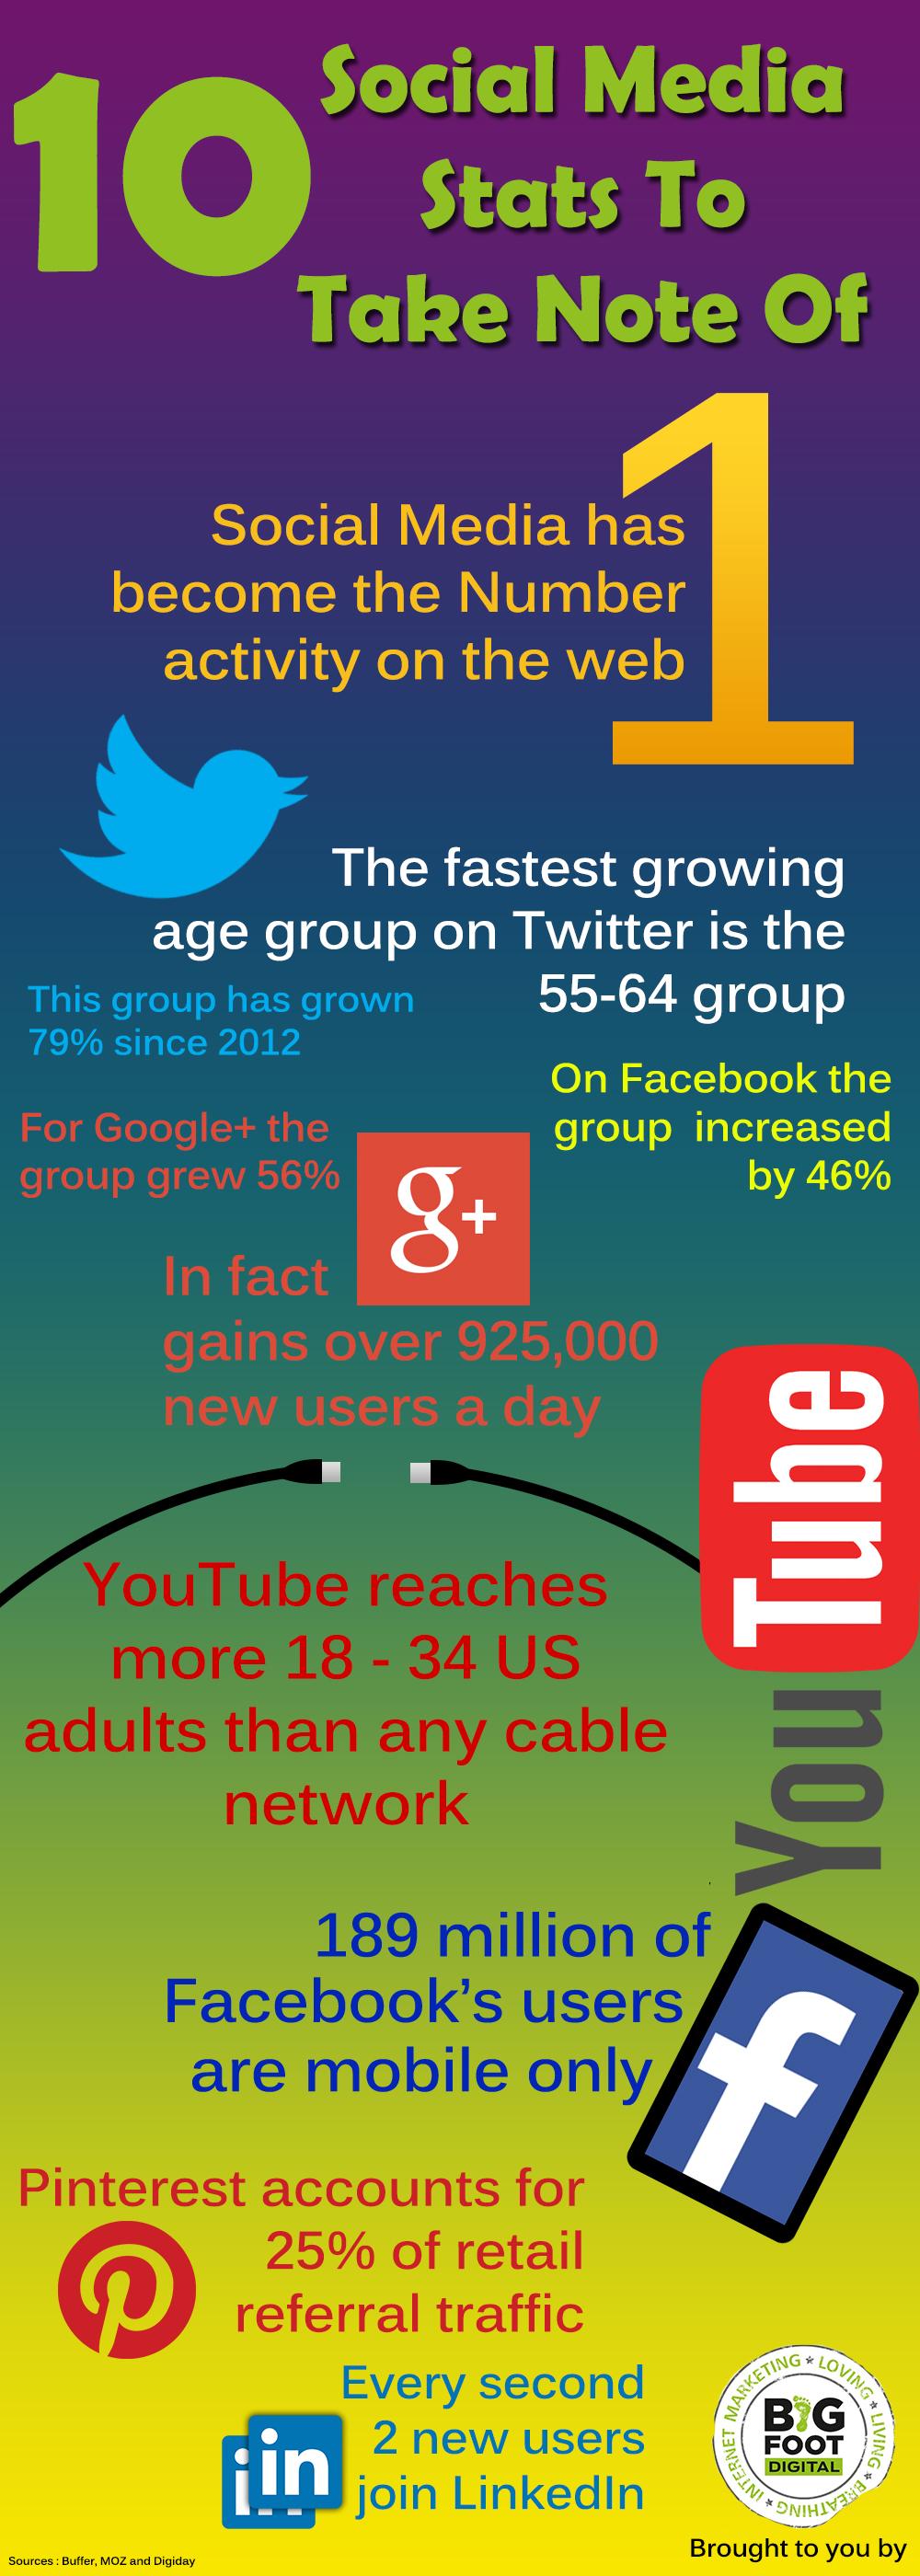 Interesting statistics pertaining to popular social media networks